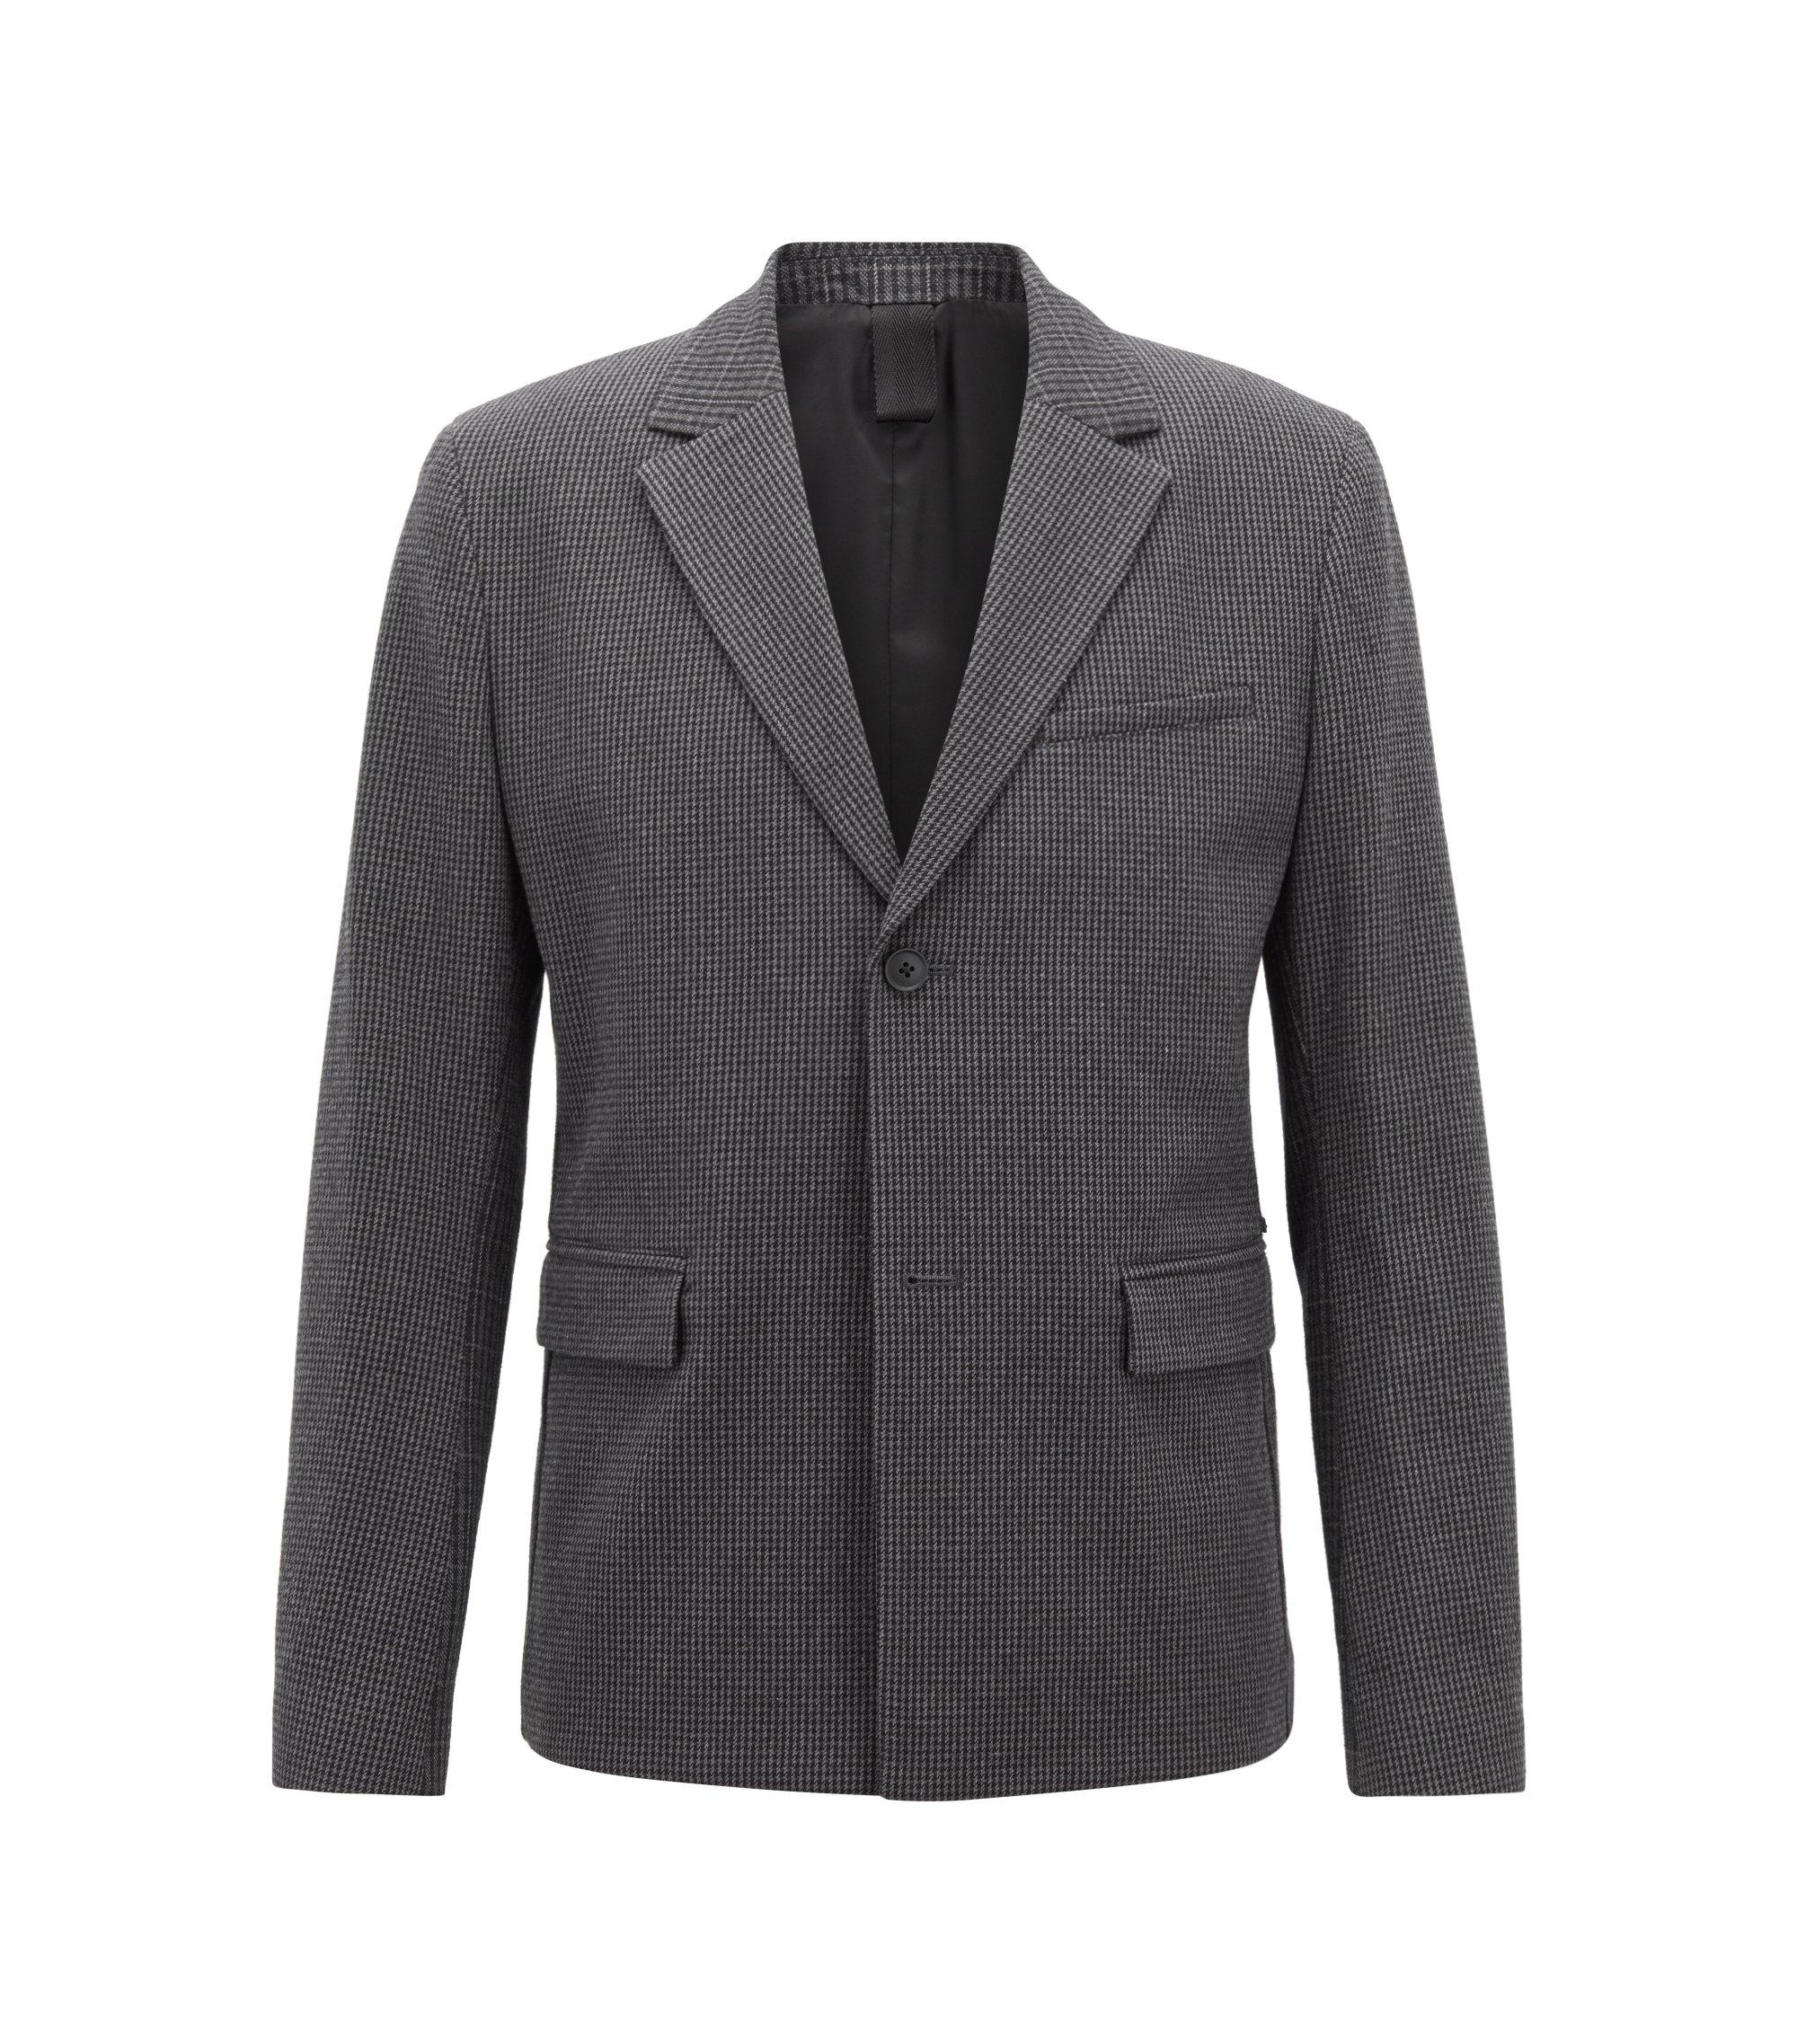 Veste Slim Fit en tissu stretch italien à motif pied-de-poule, Noir